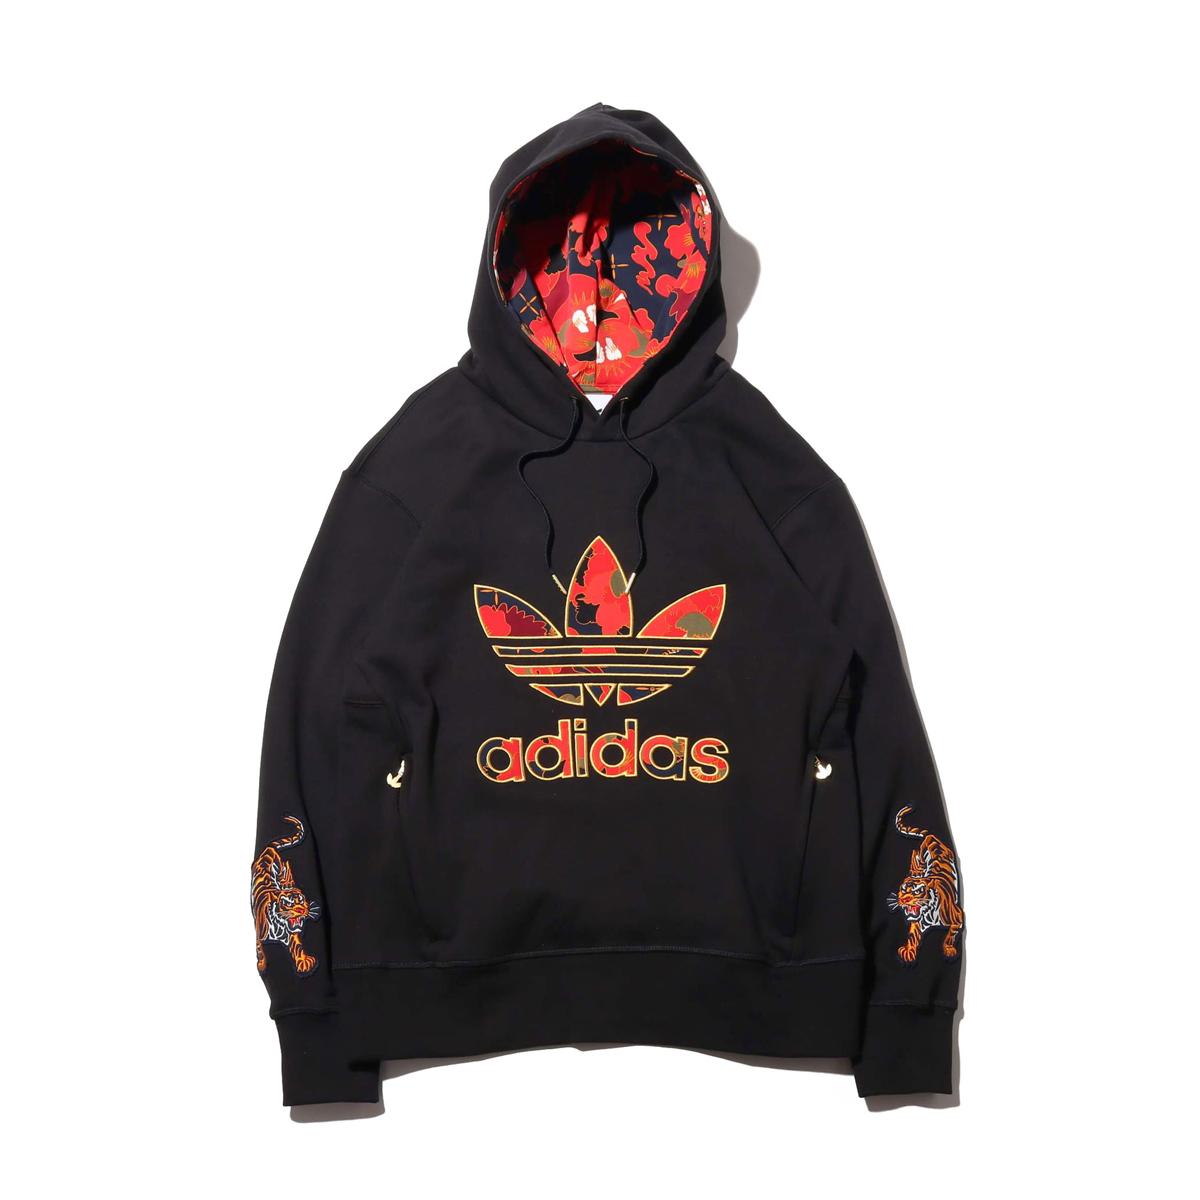 adidas HOODIE CNY(アディダス フーディー チャイニーズニューイヤー)BLACK/GOLD METRIC/MULTI COLOR【メンズ パーカー】20SS-I